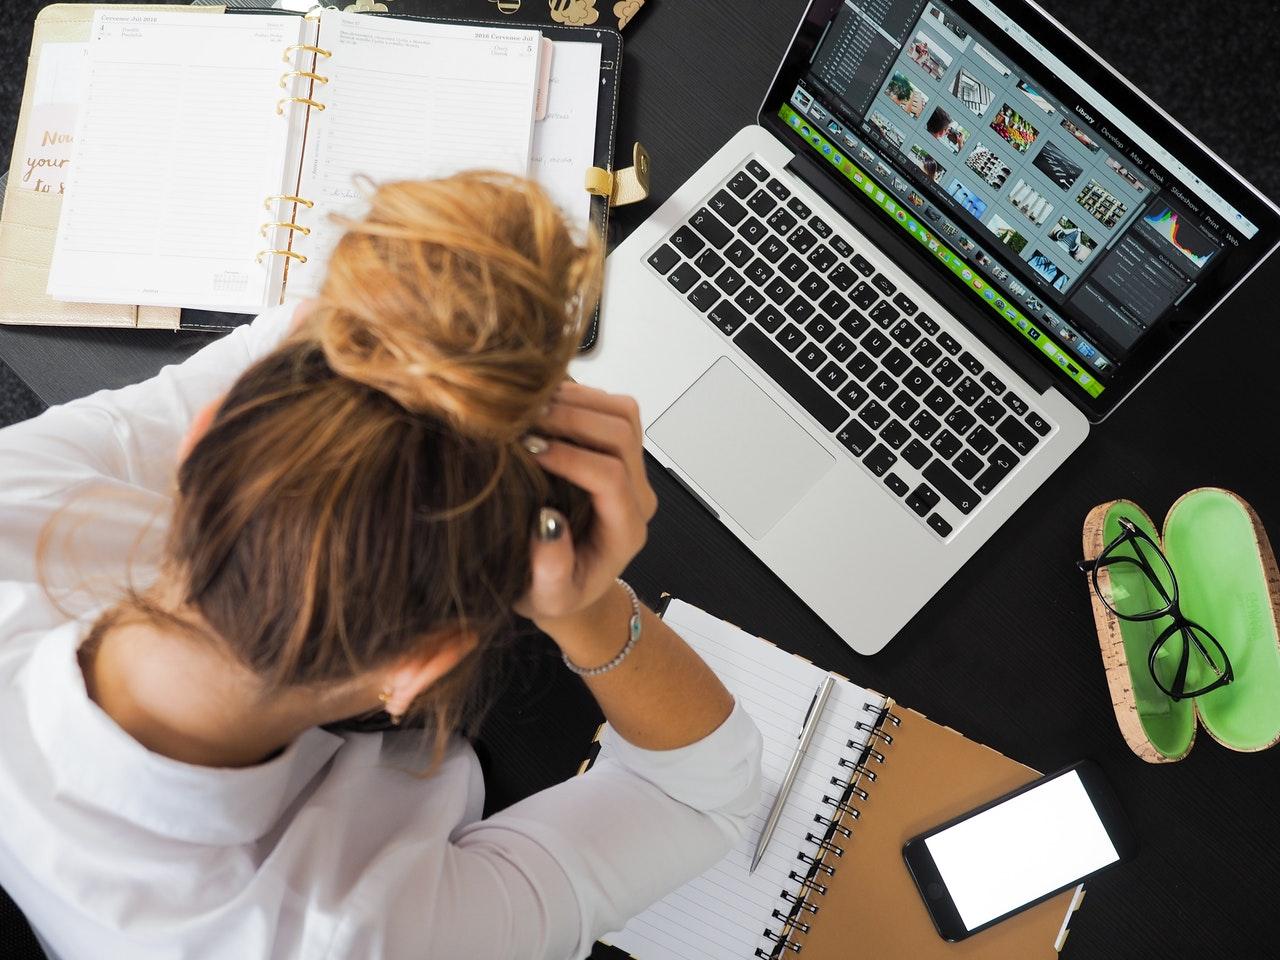 寝不足や寝すぎが片頭痛を引き起こす!?原因と対処法、予防法について解説